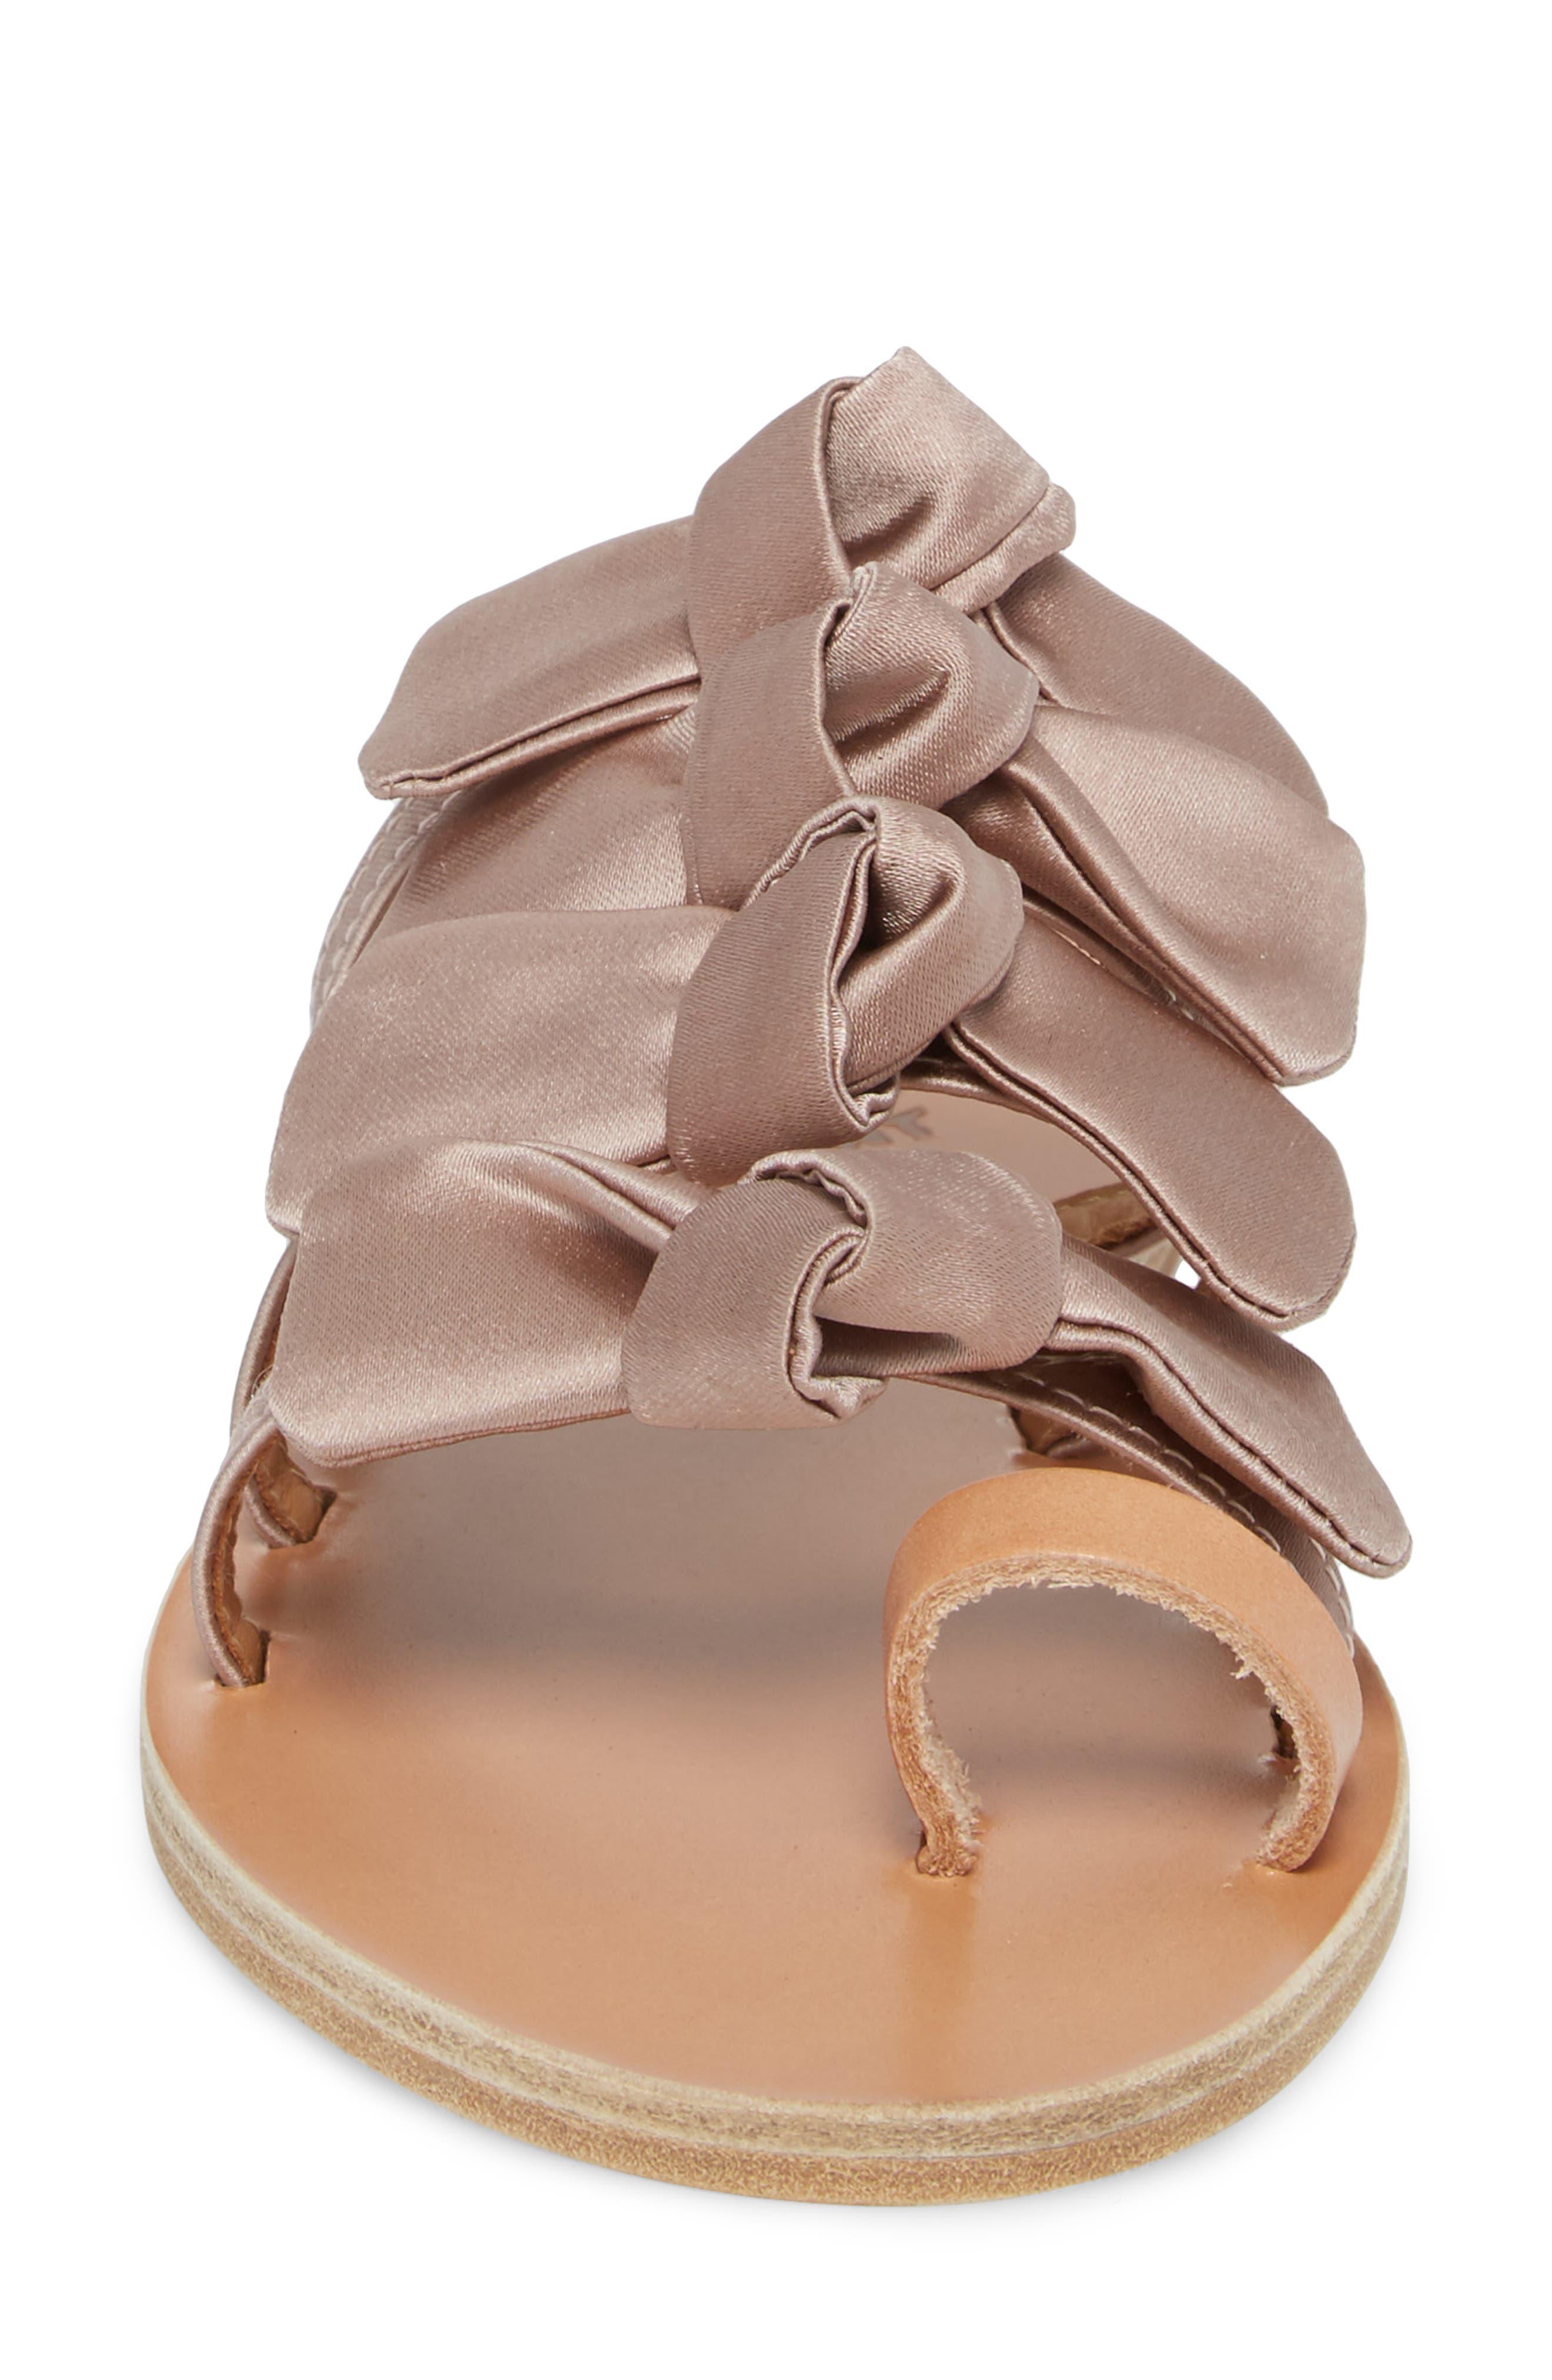 Hara Toe Loop Slide Sandal,                             Alternate thumbnail 4, color,                             Natural/ Lotus